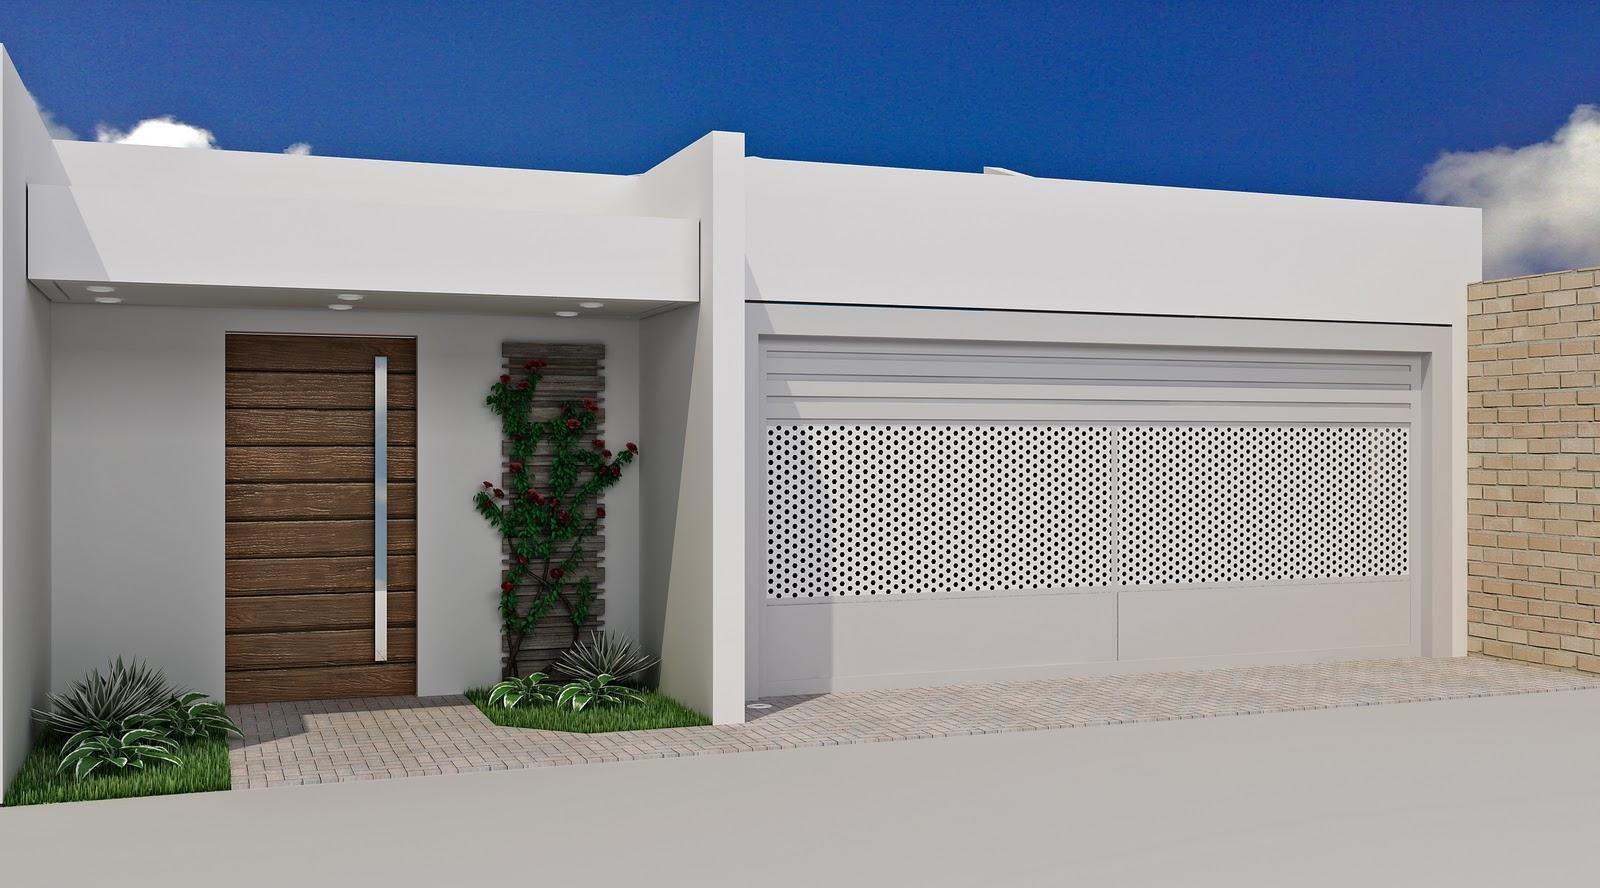 60 modelos de muros residenciais fachadas fotos e dicas for Casa moderna 11